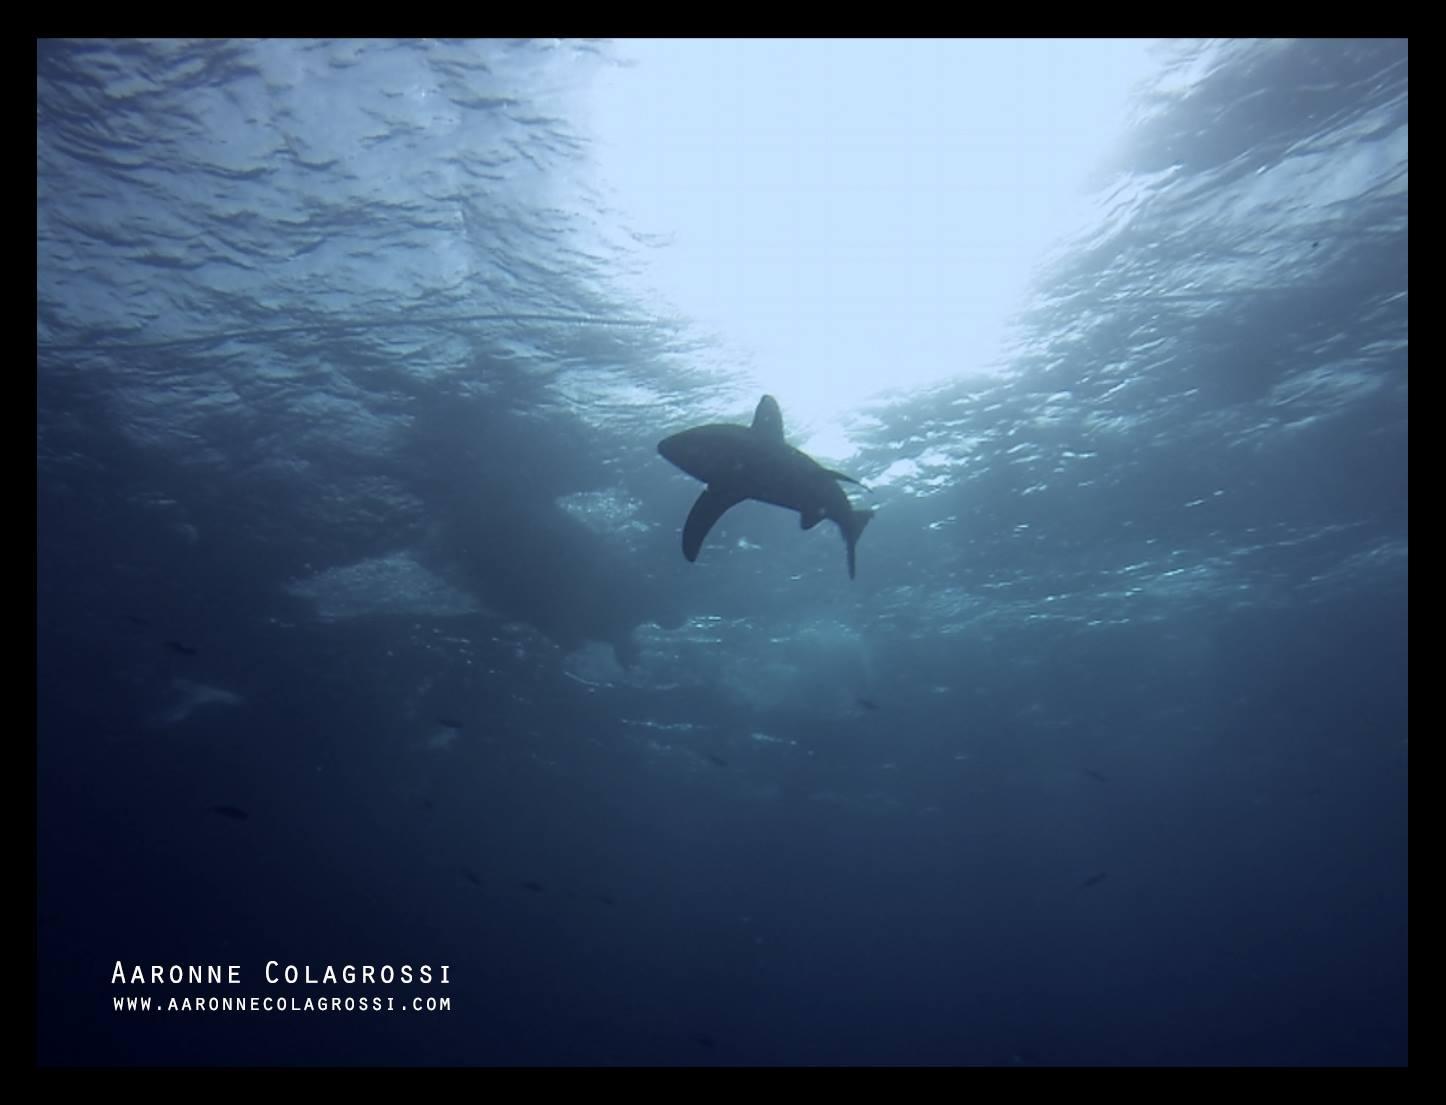 Recensione: Avventure nel Mar Rosso di Aaronne Colgragrossi – intervistiamo l'autore